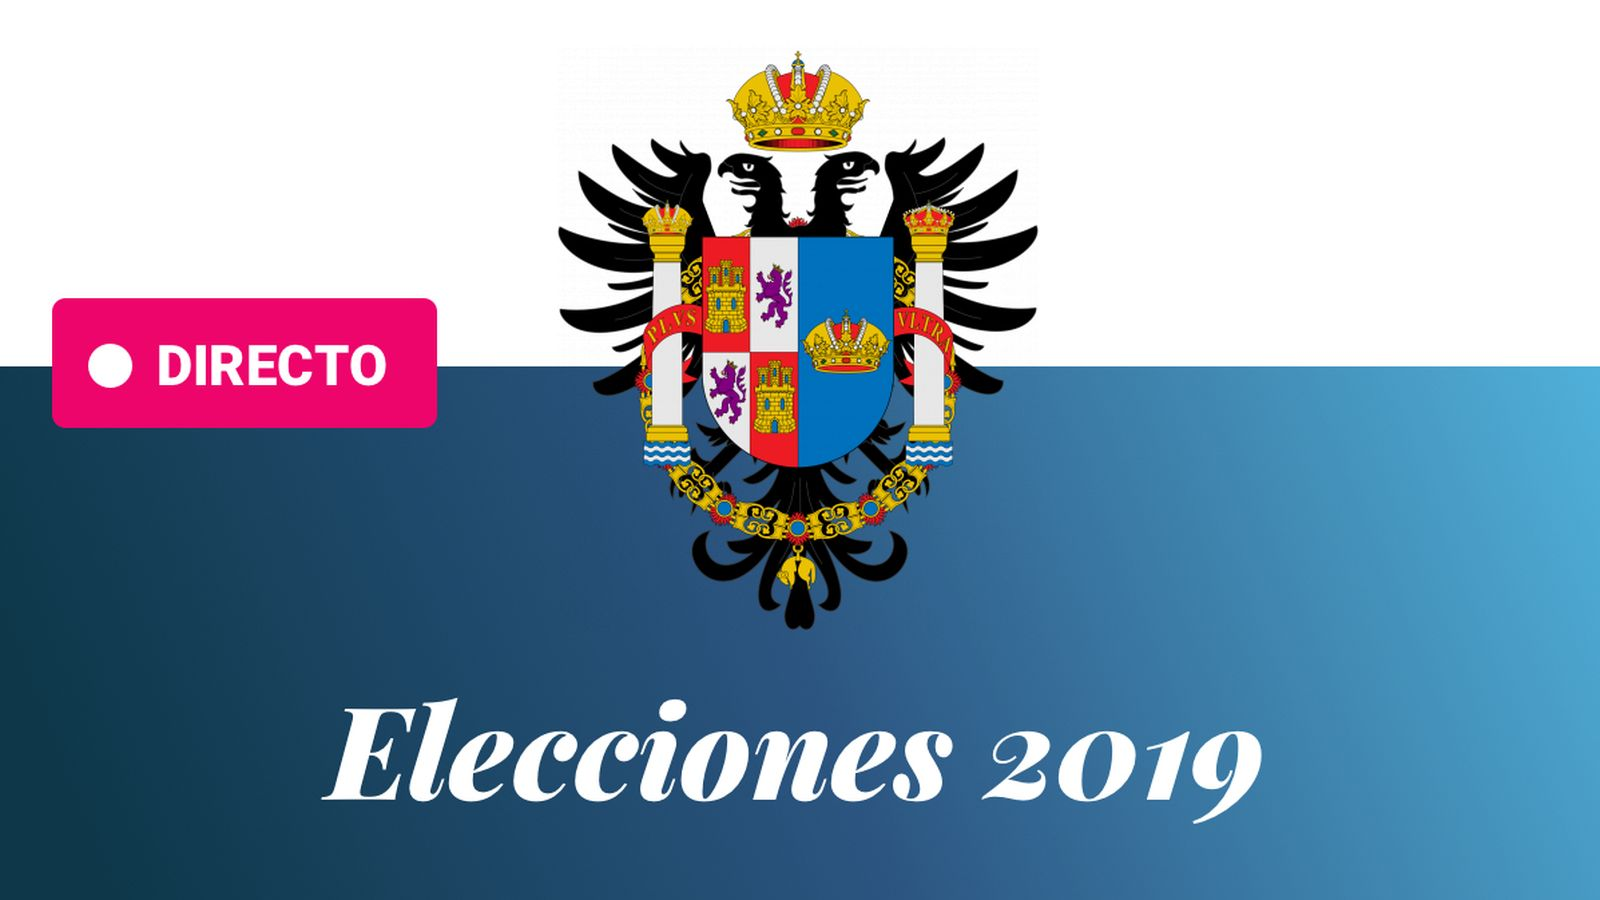 Foto: Elecciones generales 2019 en la provincia de Toledo. (C.C./Asqueladd)